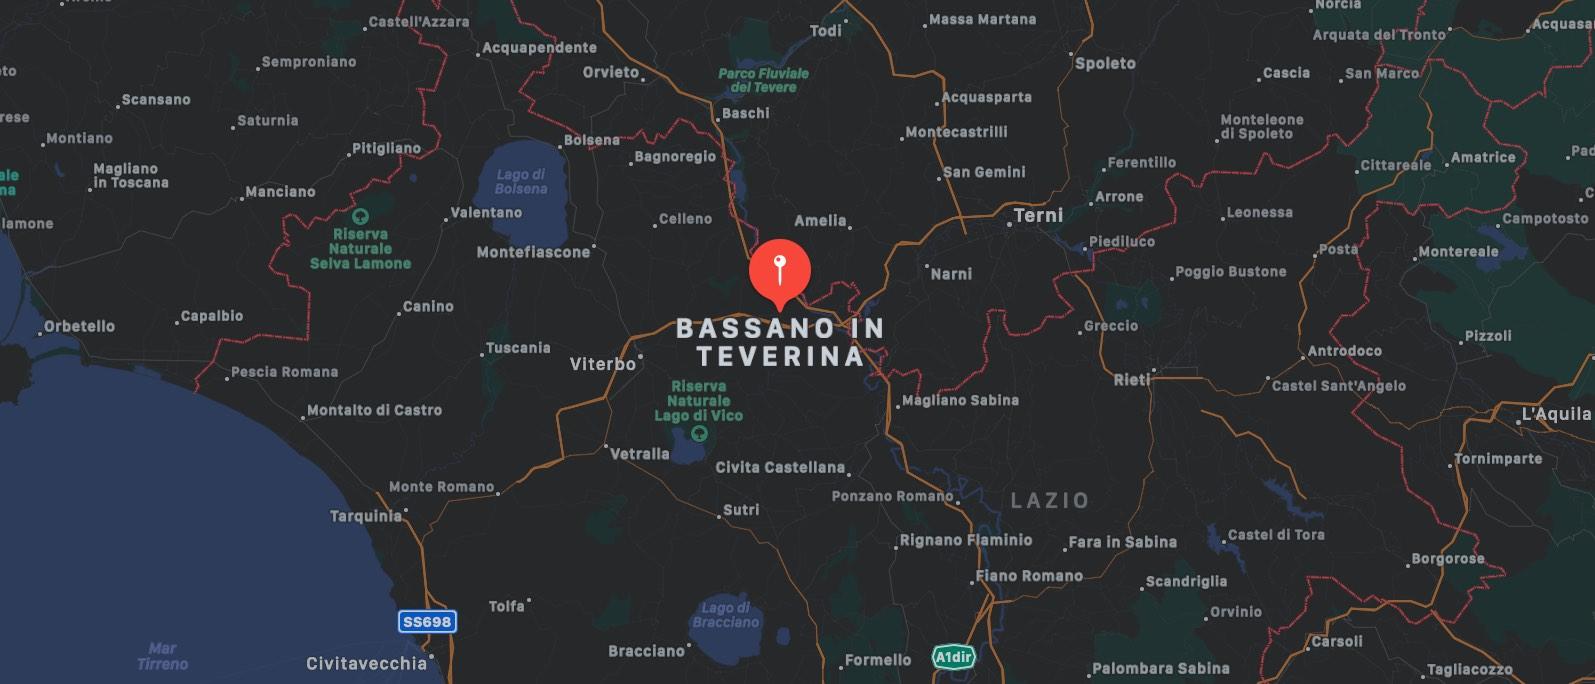 Mappa di Bassano in Taverina